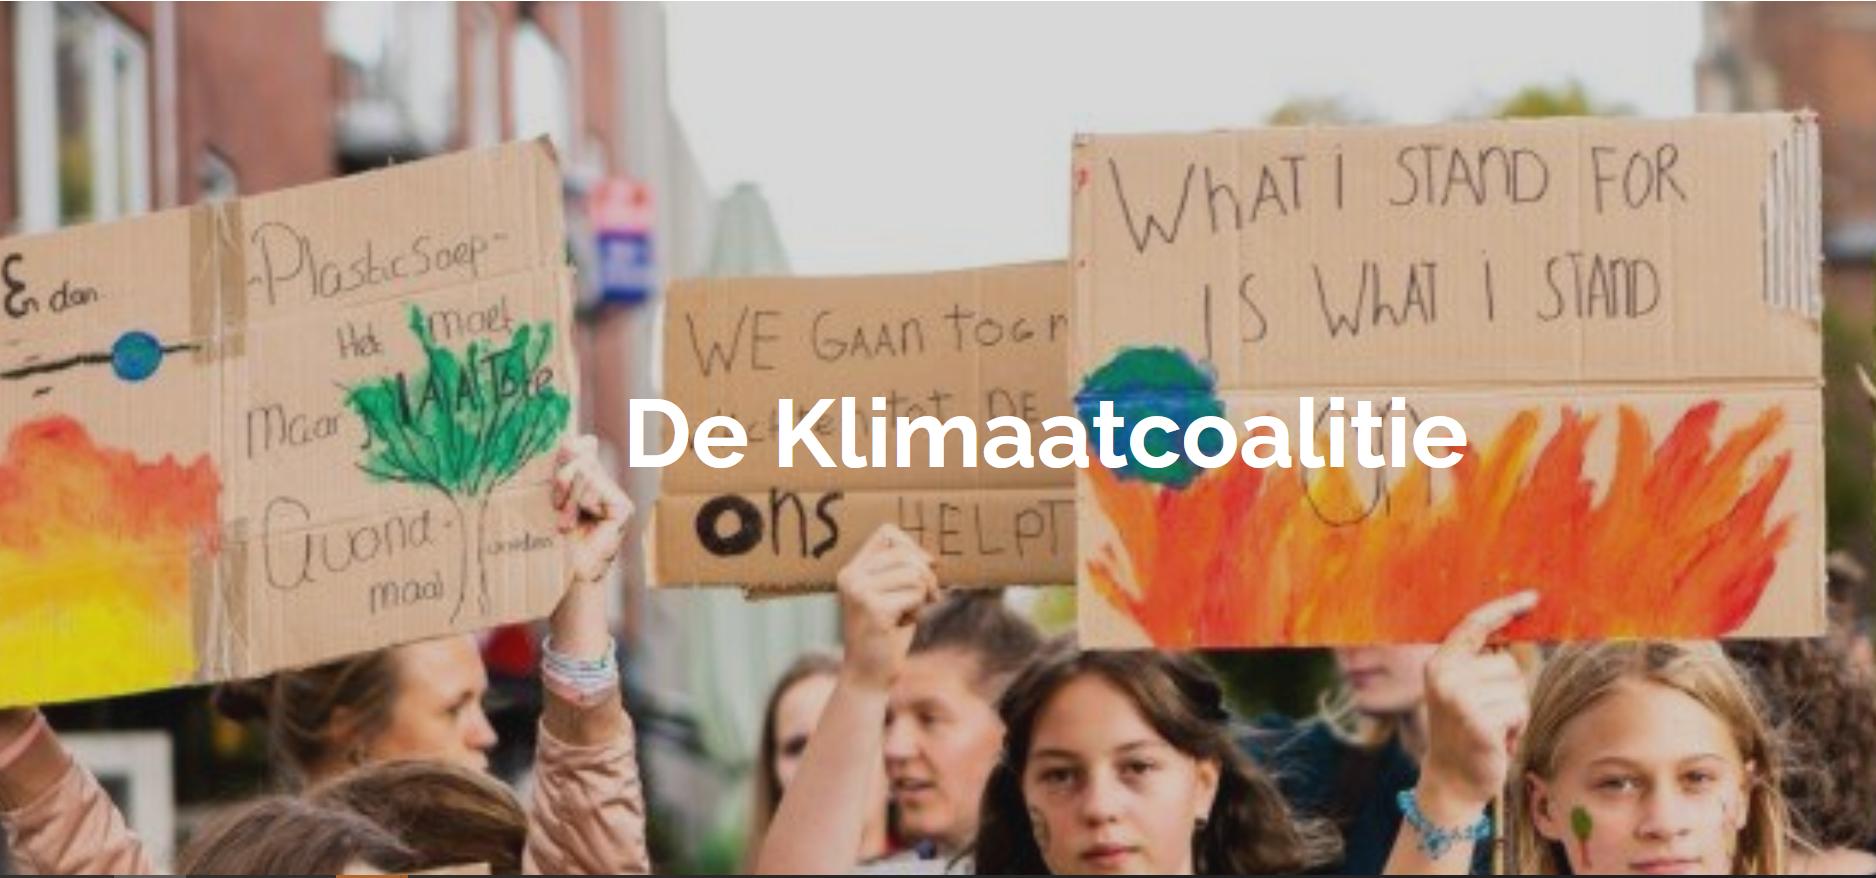 Klimaatcoalitie – Actieperiode juni 2021